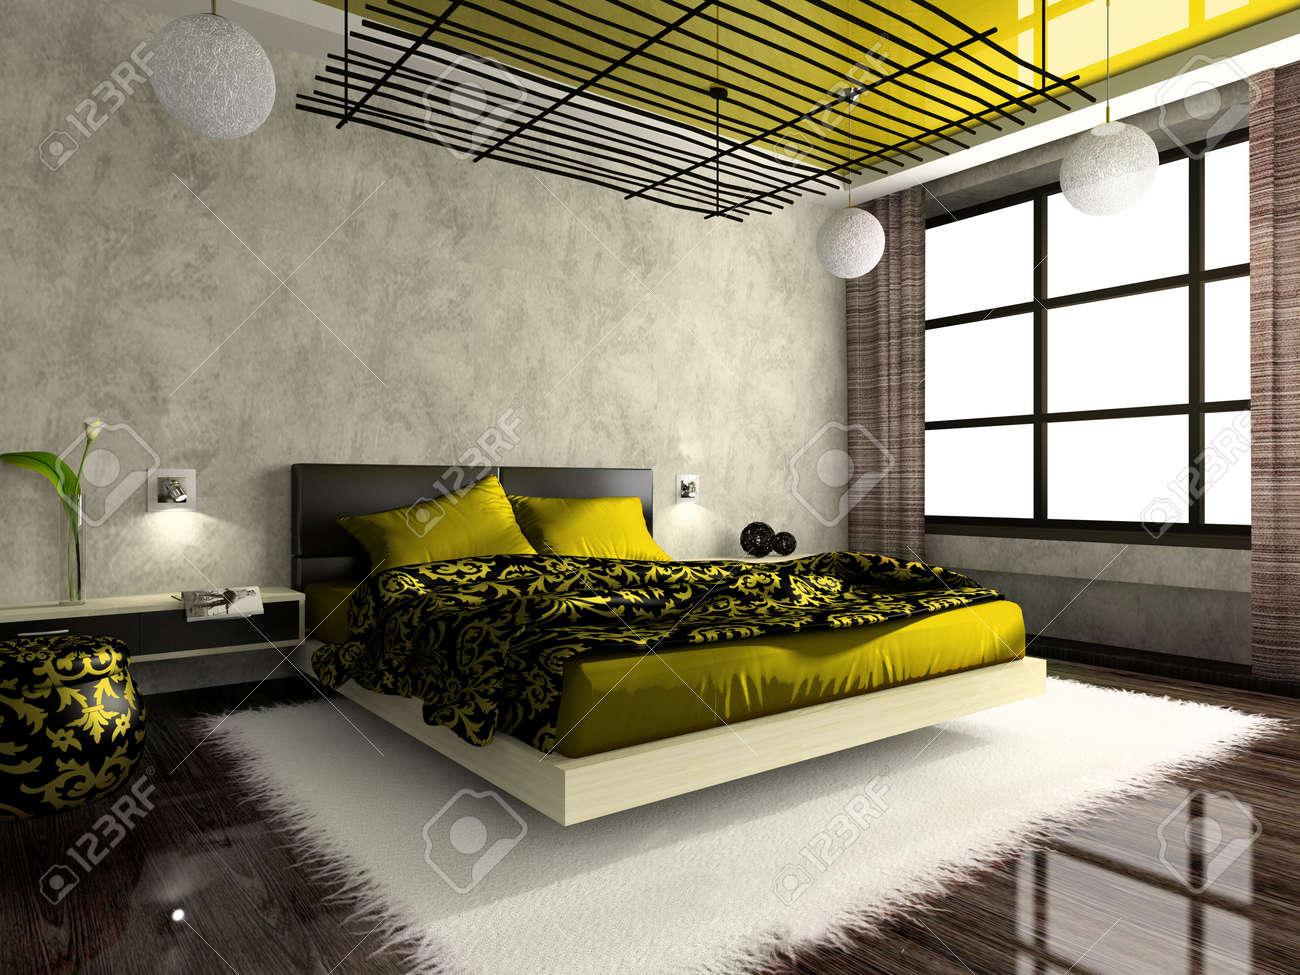 Luxueuze Interieur Van De Slaapkamer In Een Groene Kleur. Foto In ...